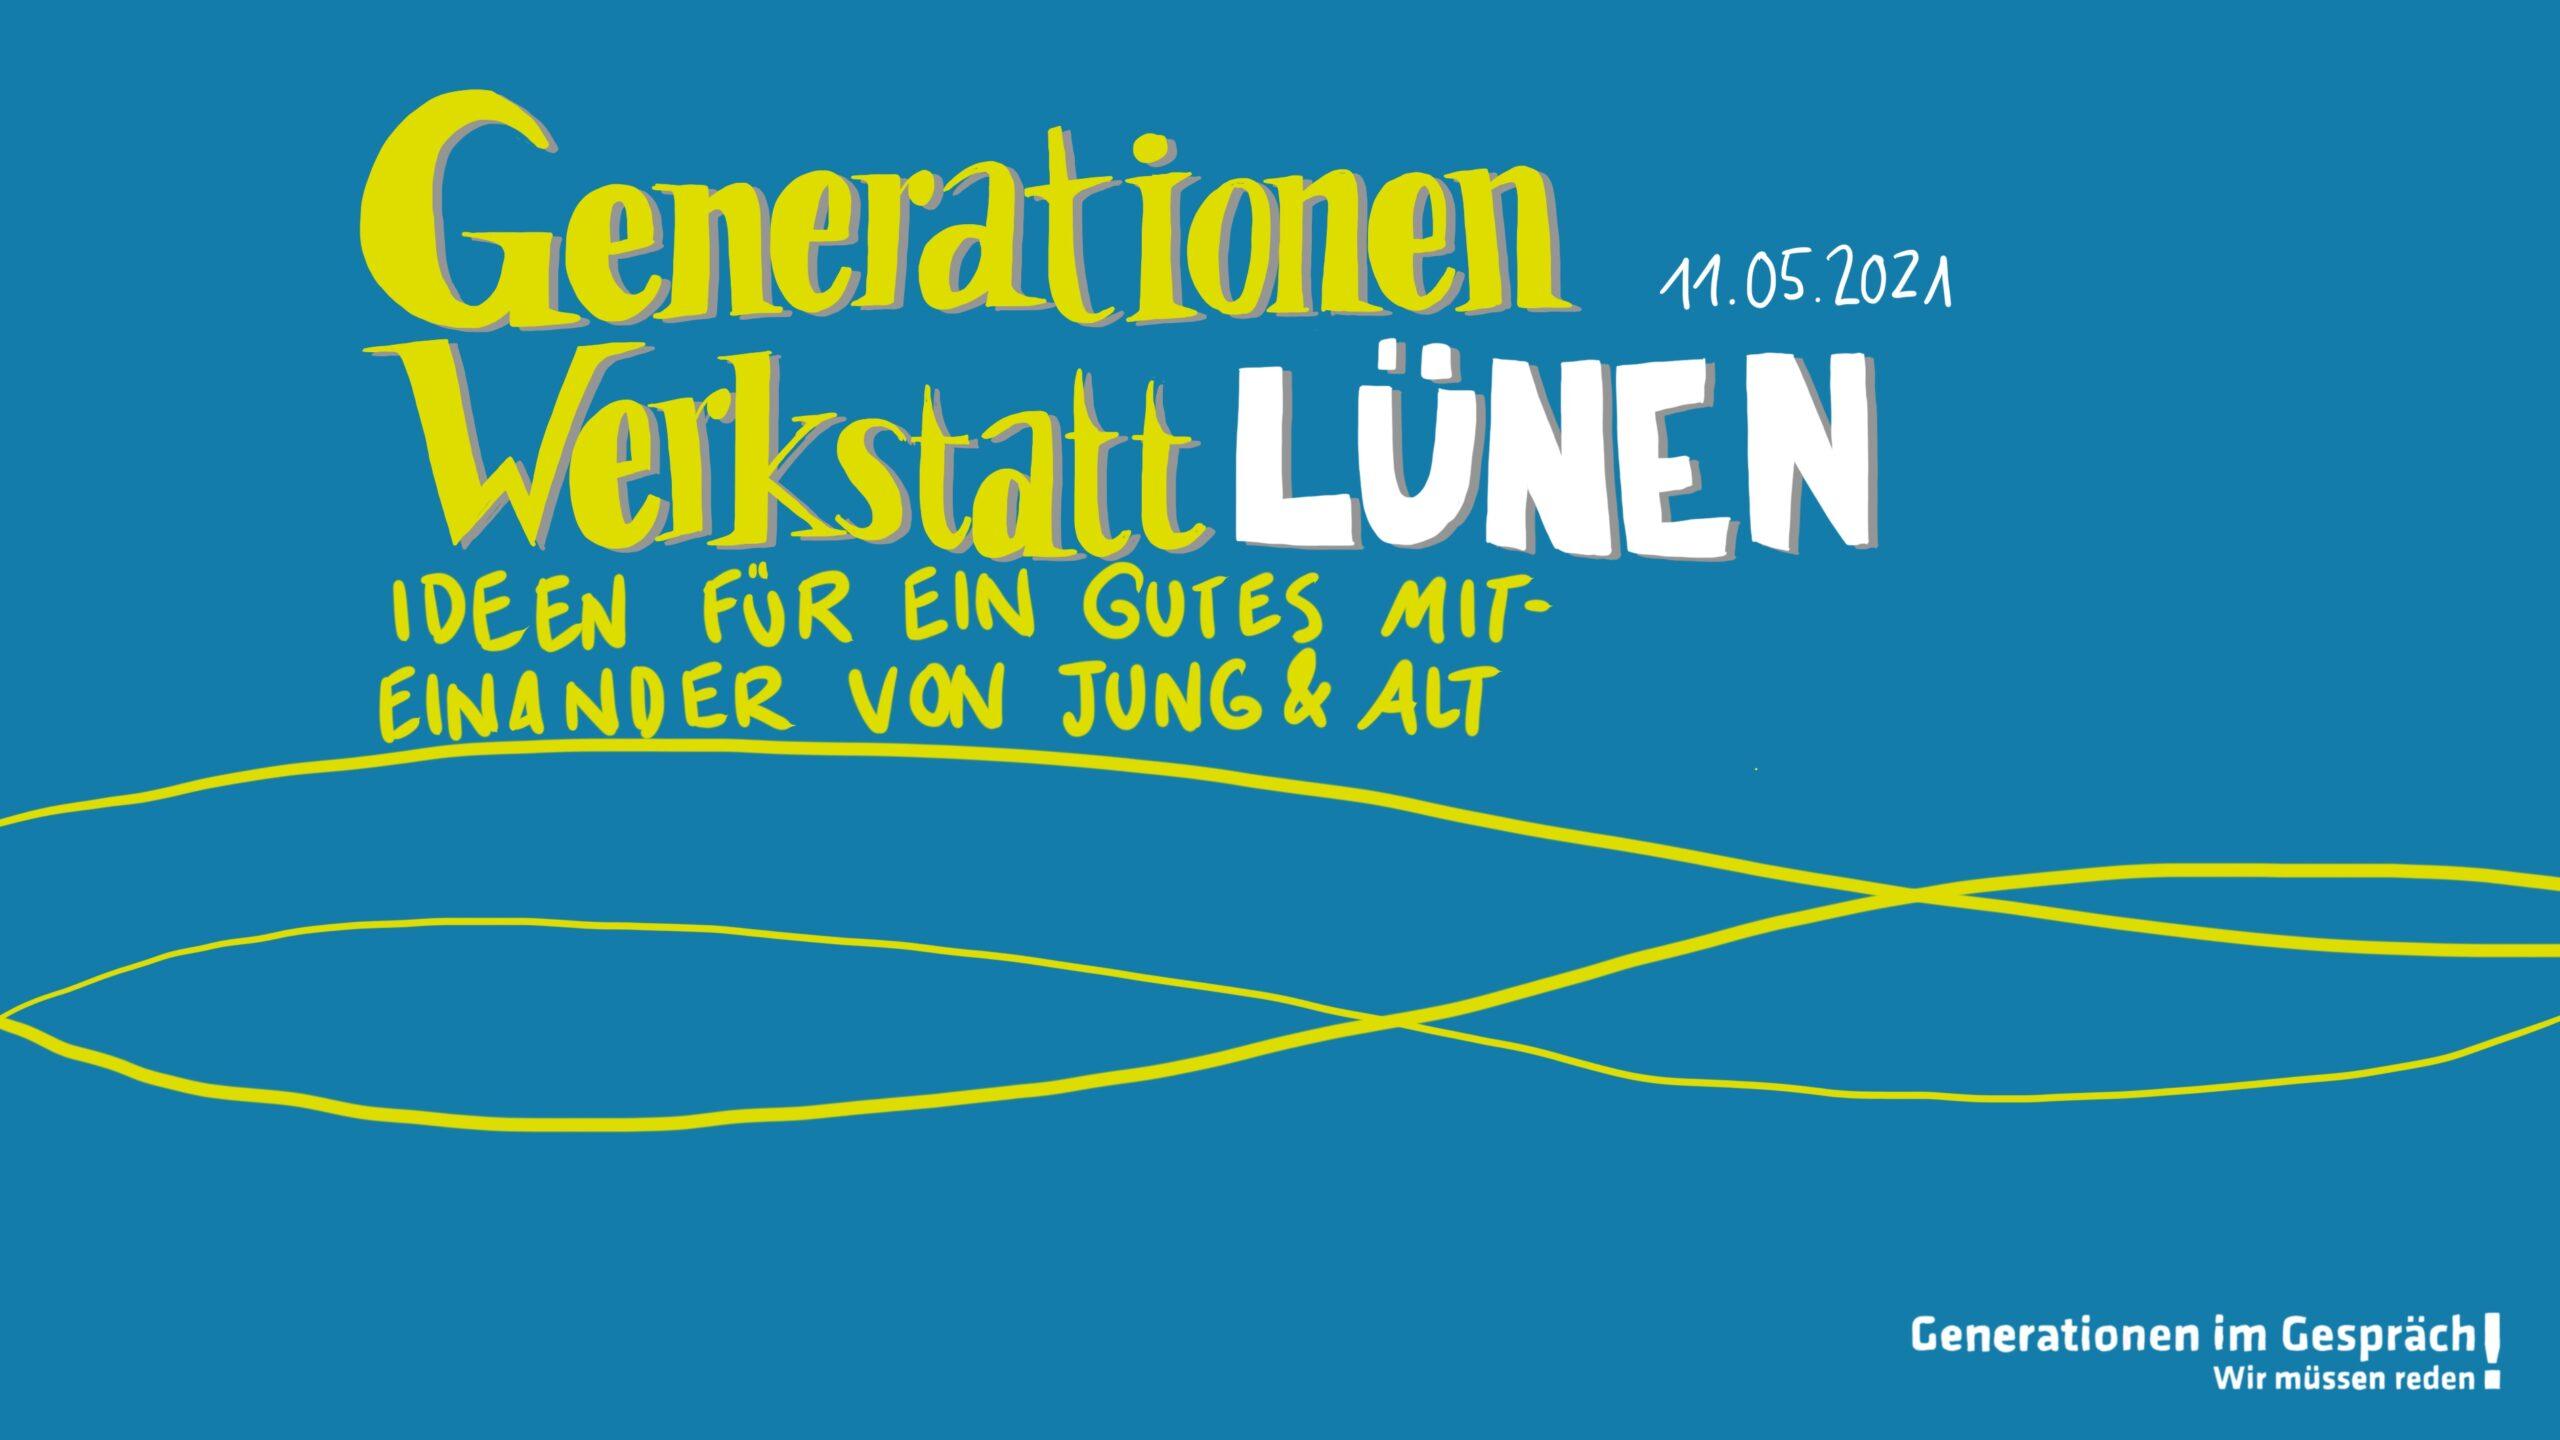 GiG Werksatt Lünen 11052021 01